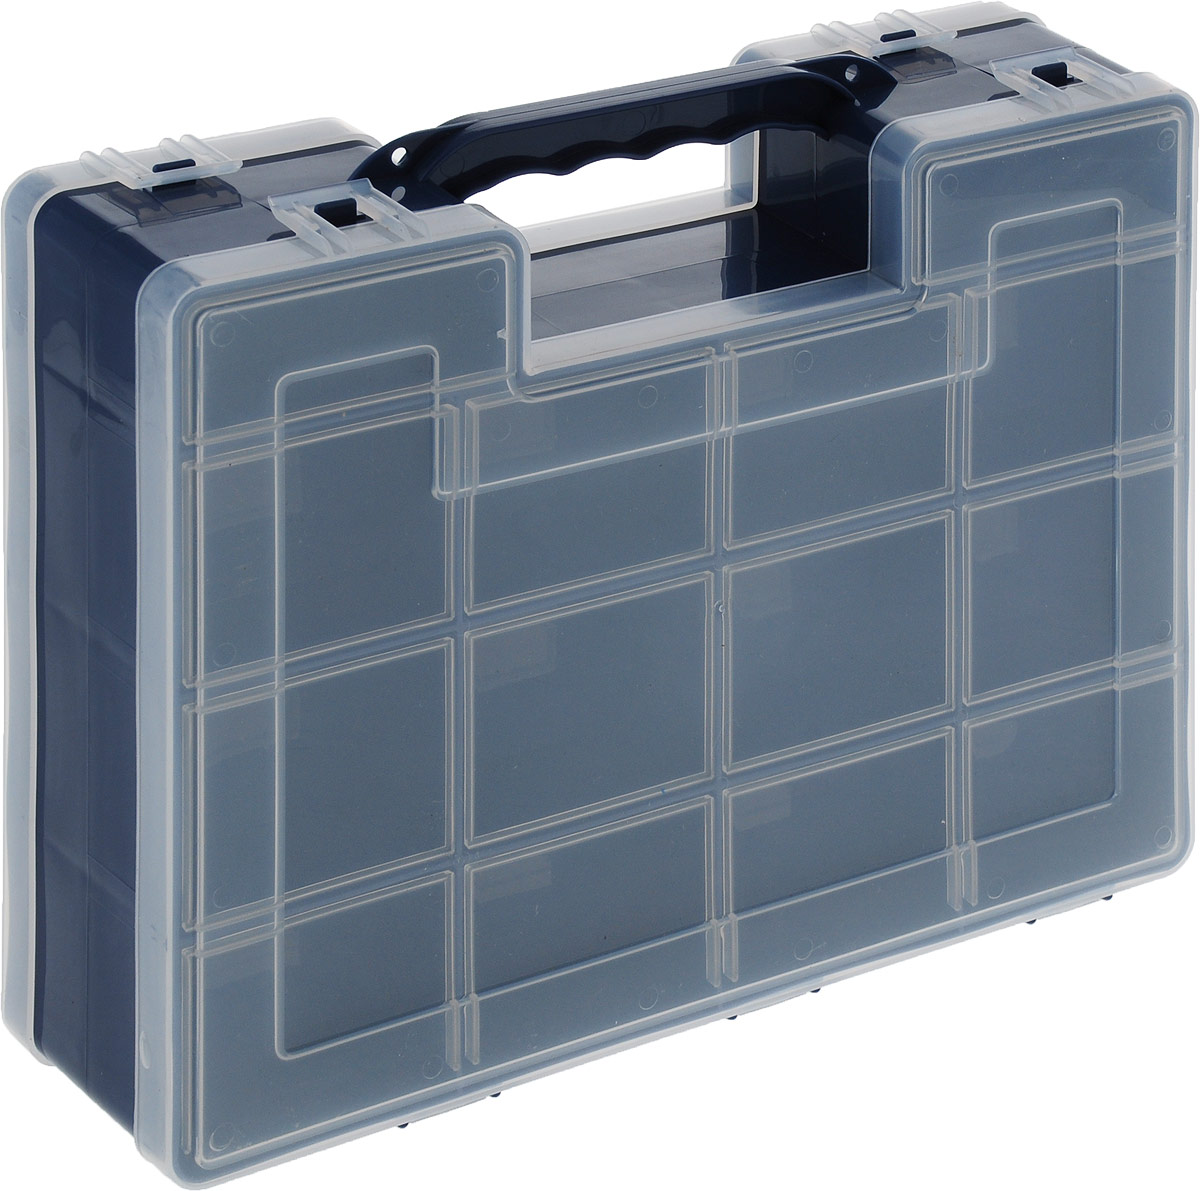 Органайзер для инструментов Idea, двухсторонний, цвет: синий, 27,2 см х 21,7 см х 6,7 см органайзер кухонный idea цвет салатовый 19 х 25 х 14 5 см